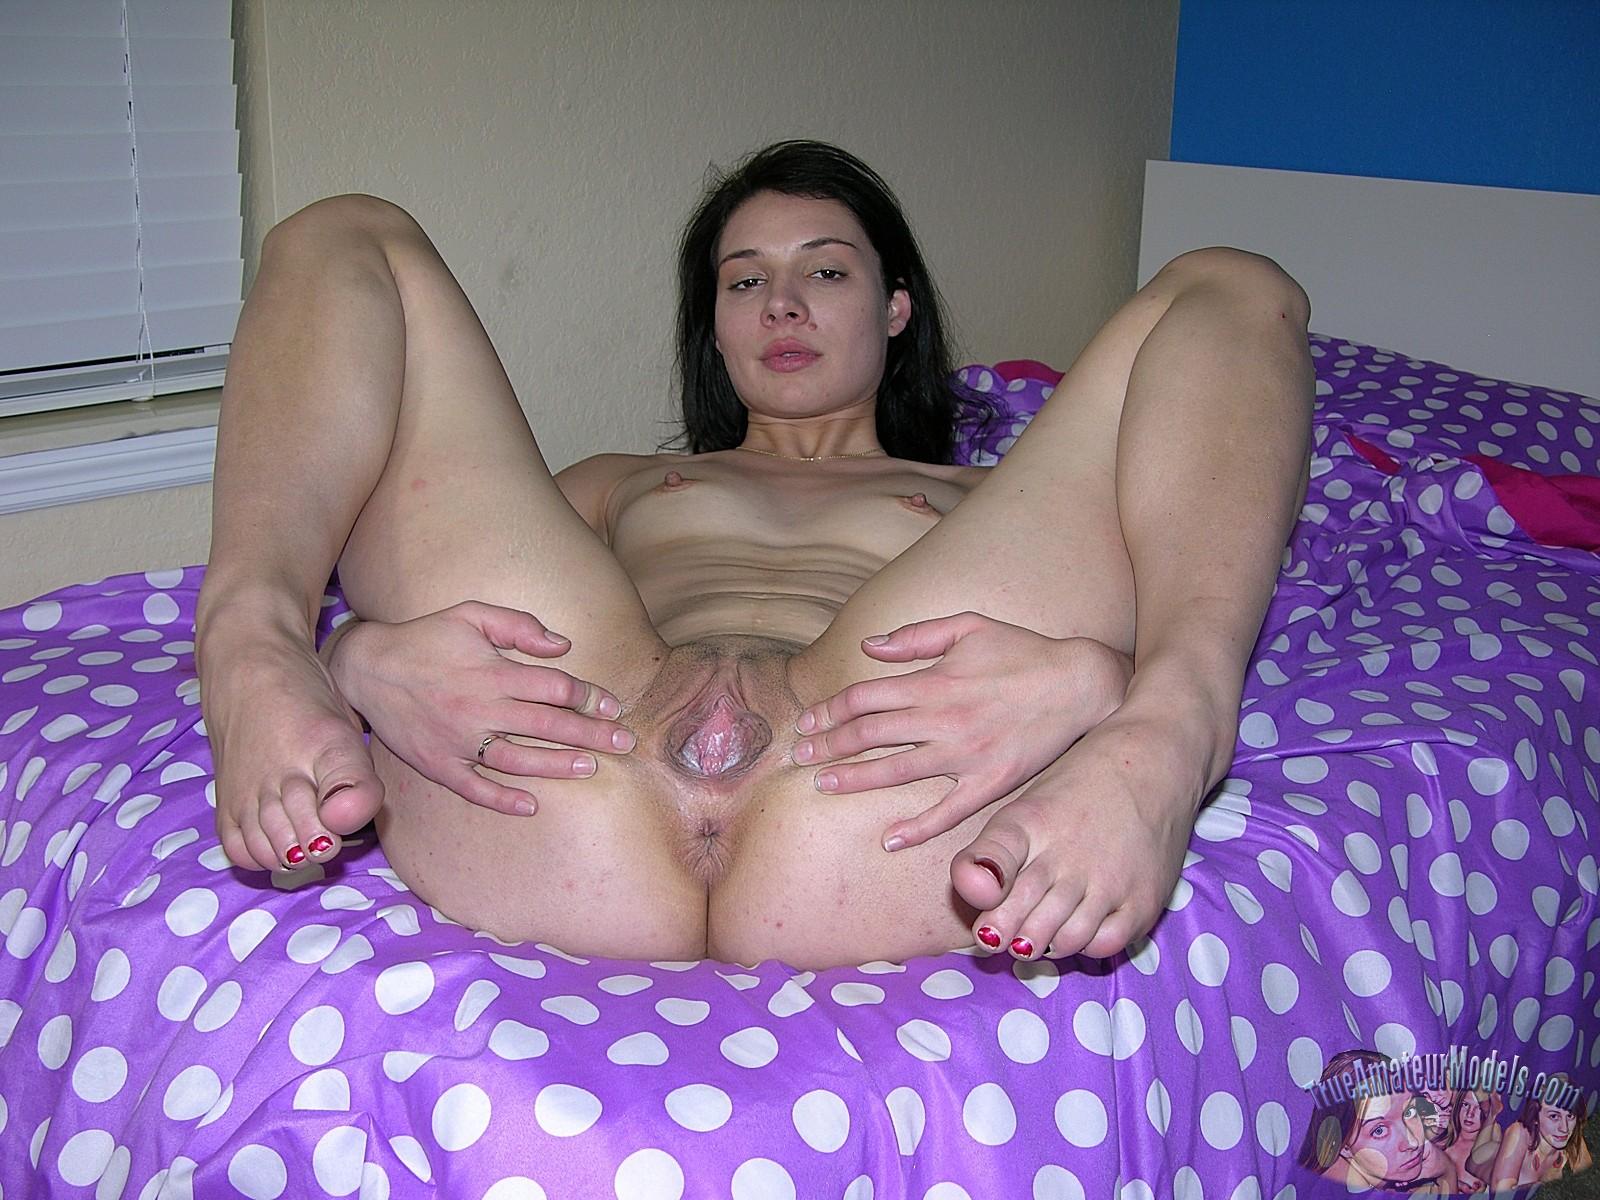 She stuffed a dildo up his ass